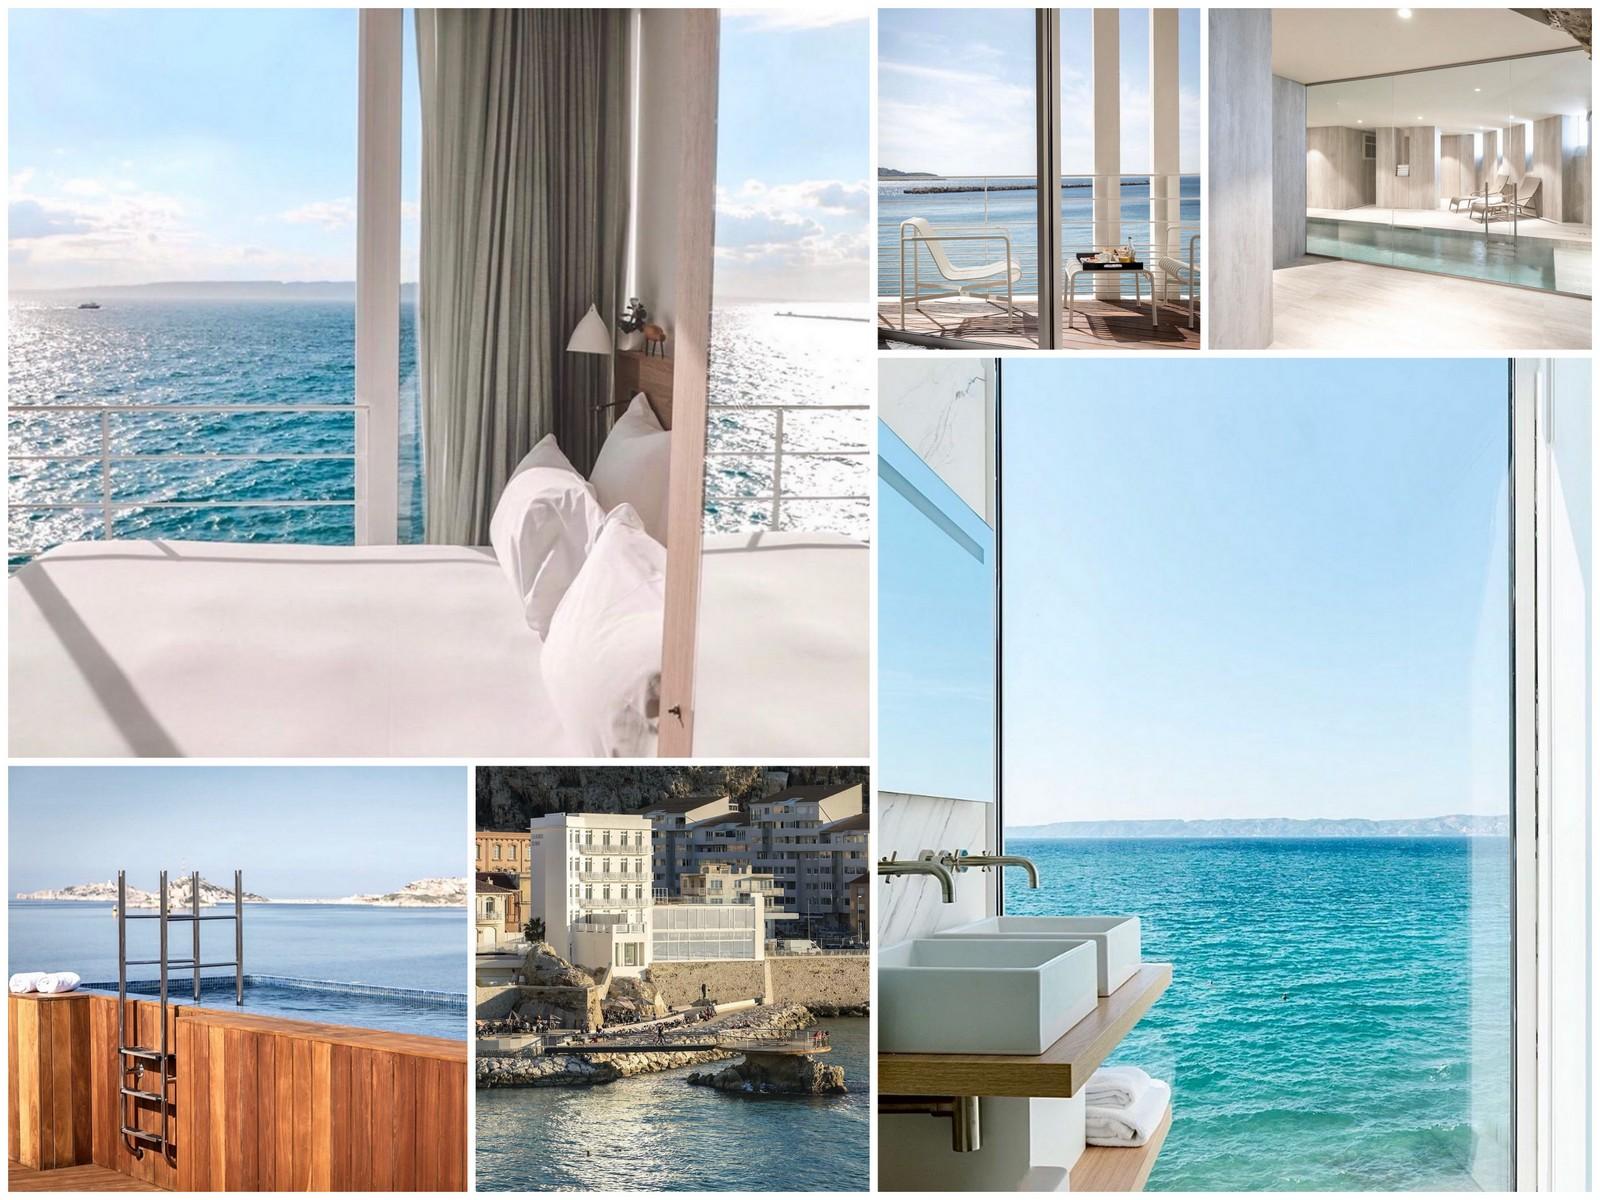 les bords de mer,marseille,hôtel,restaurant,spa,rooftop,domaines de fontenille,travel guide,city guide